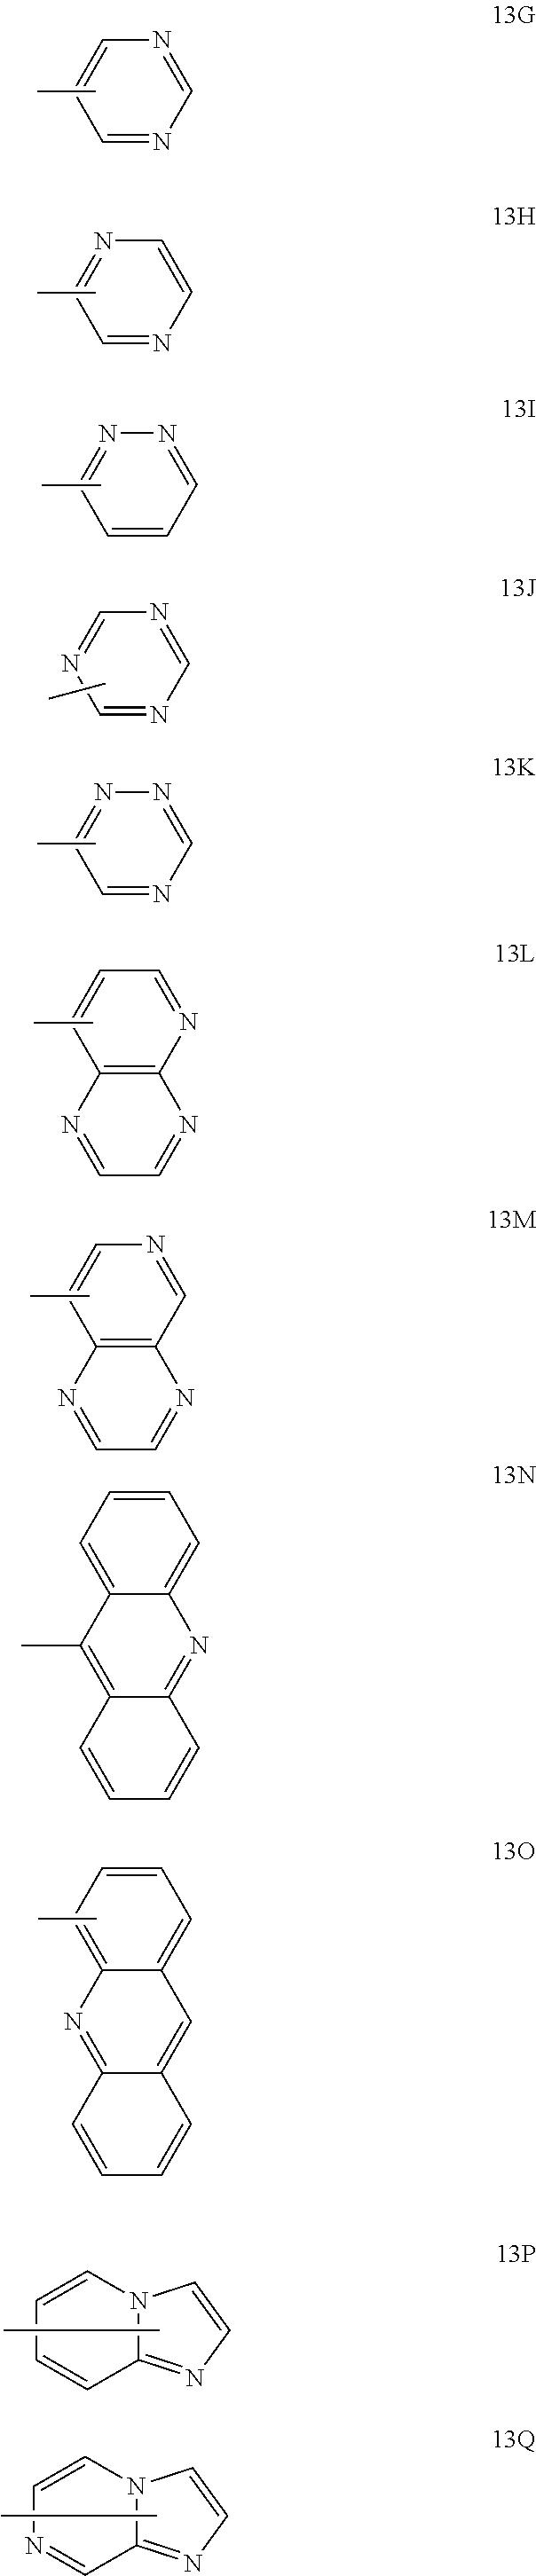 Figure US07875367-20110125-C00056